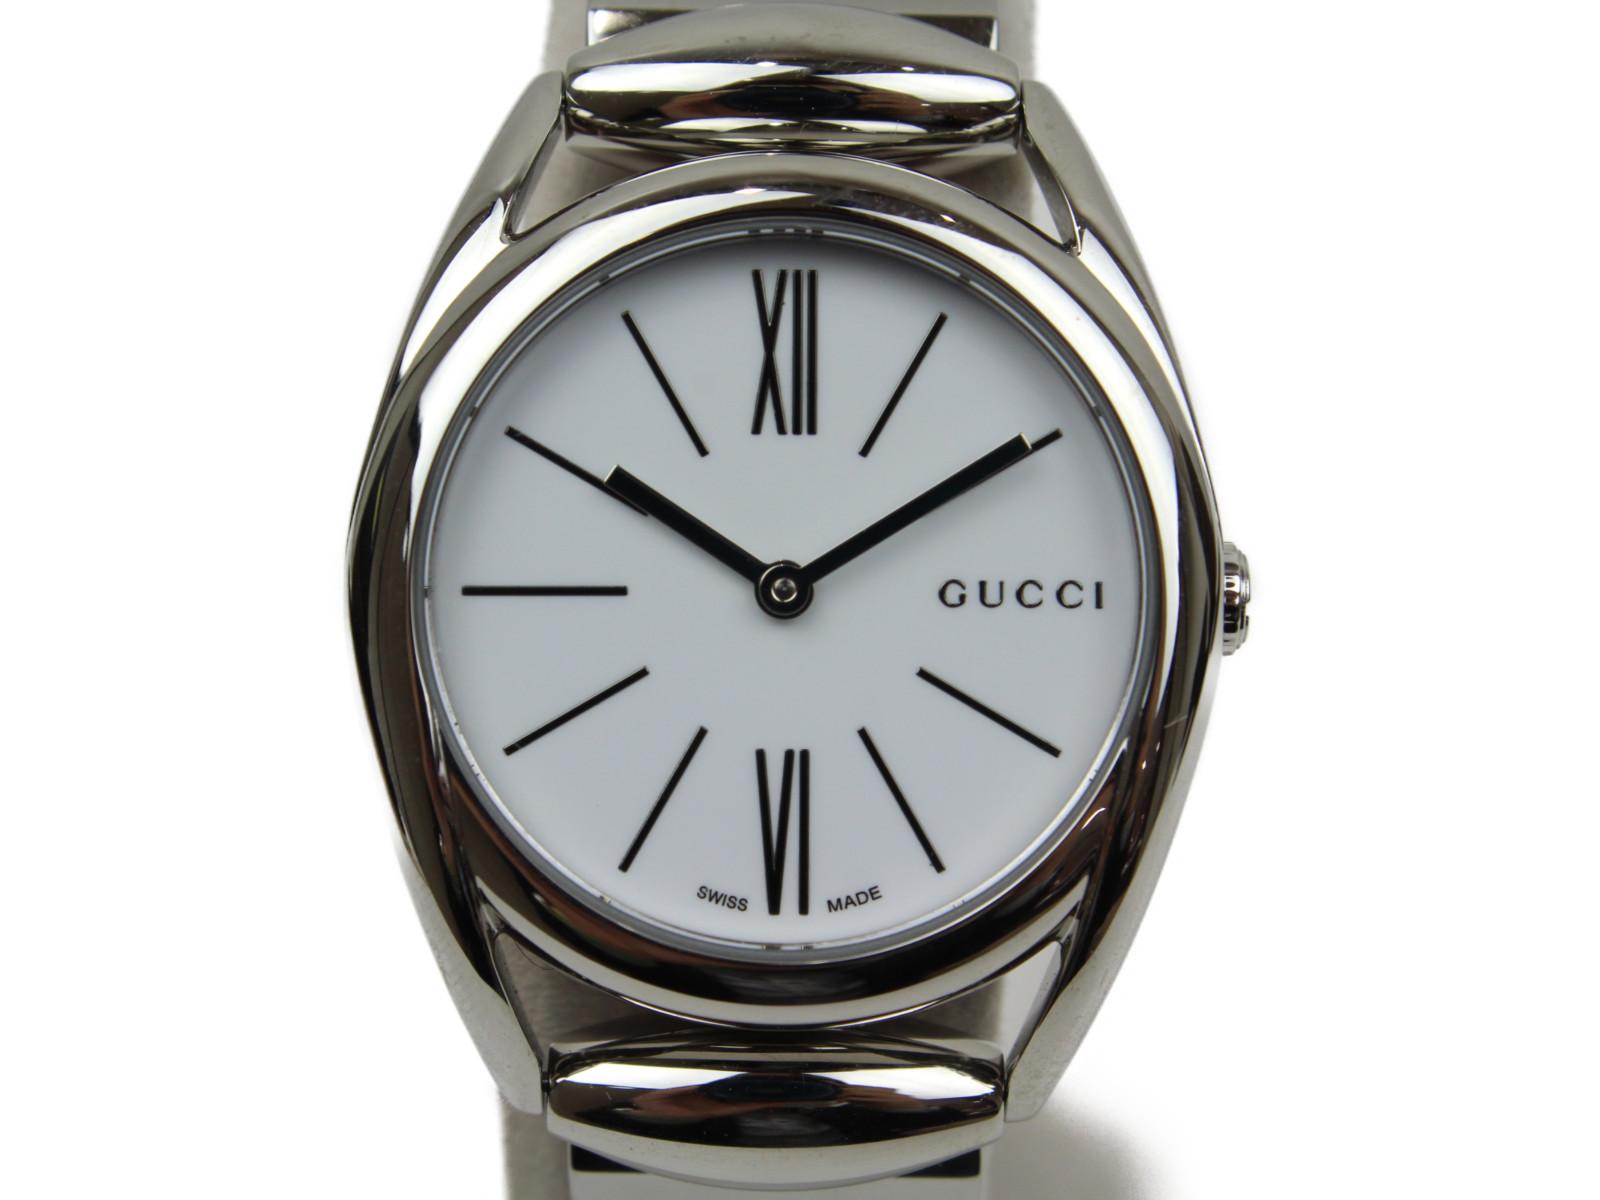 GUCCI グッチ ホースビット 140.5 クオーツ SS ホワイト レディース 腕時計【中古】